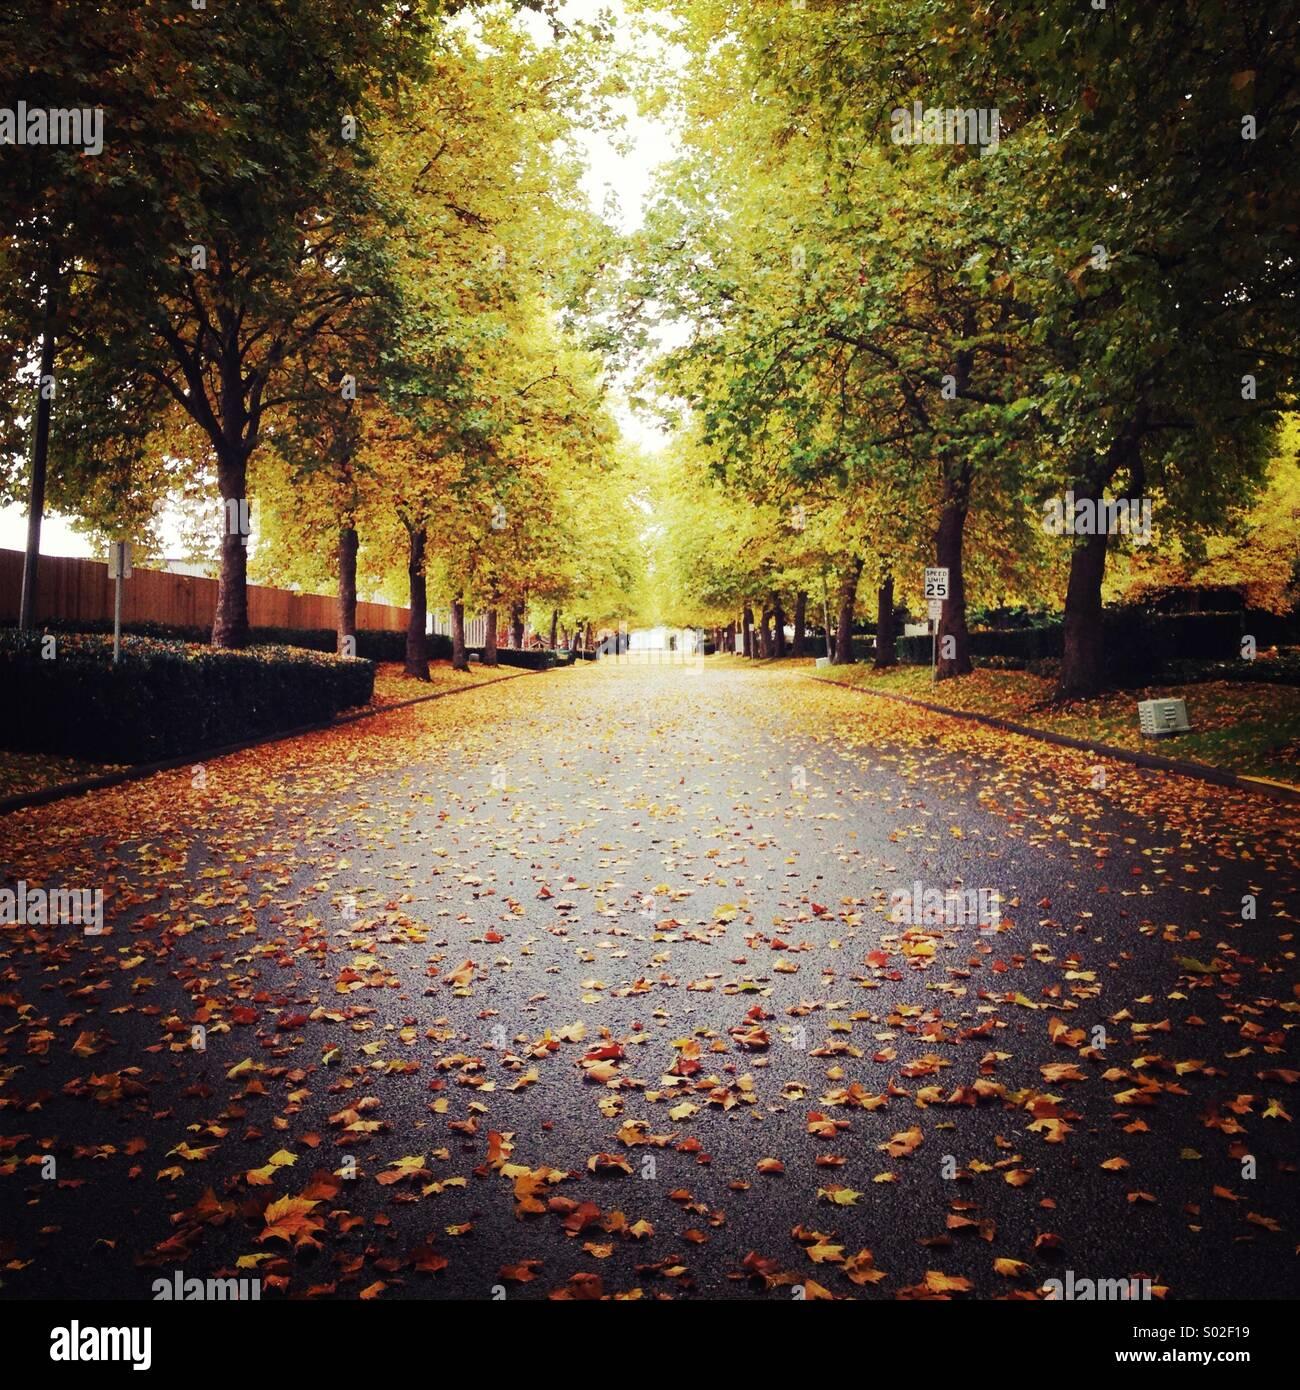 Fall avenue - Stock Image